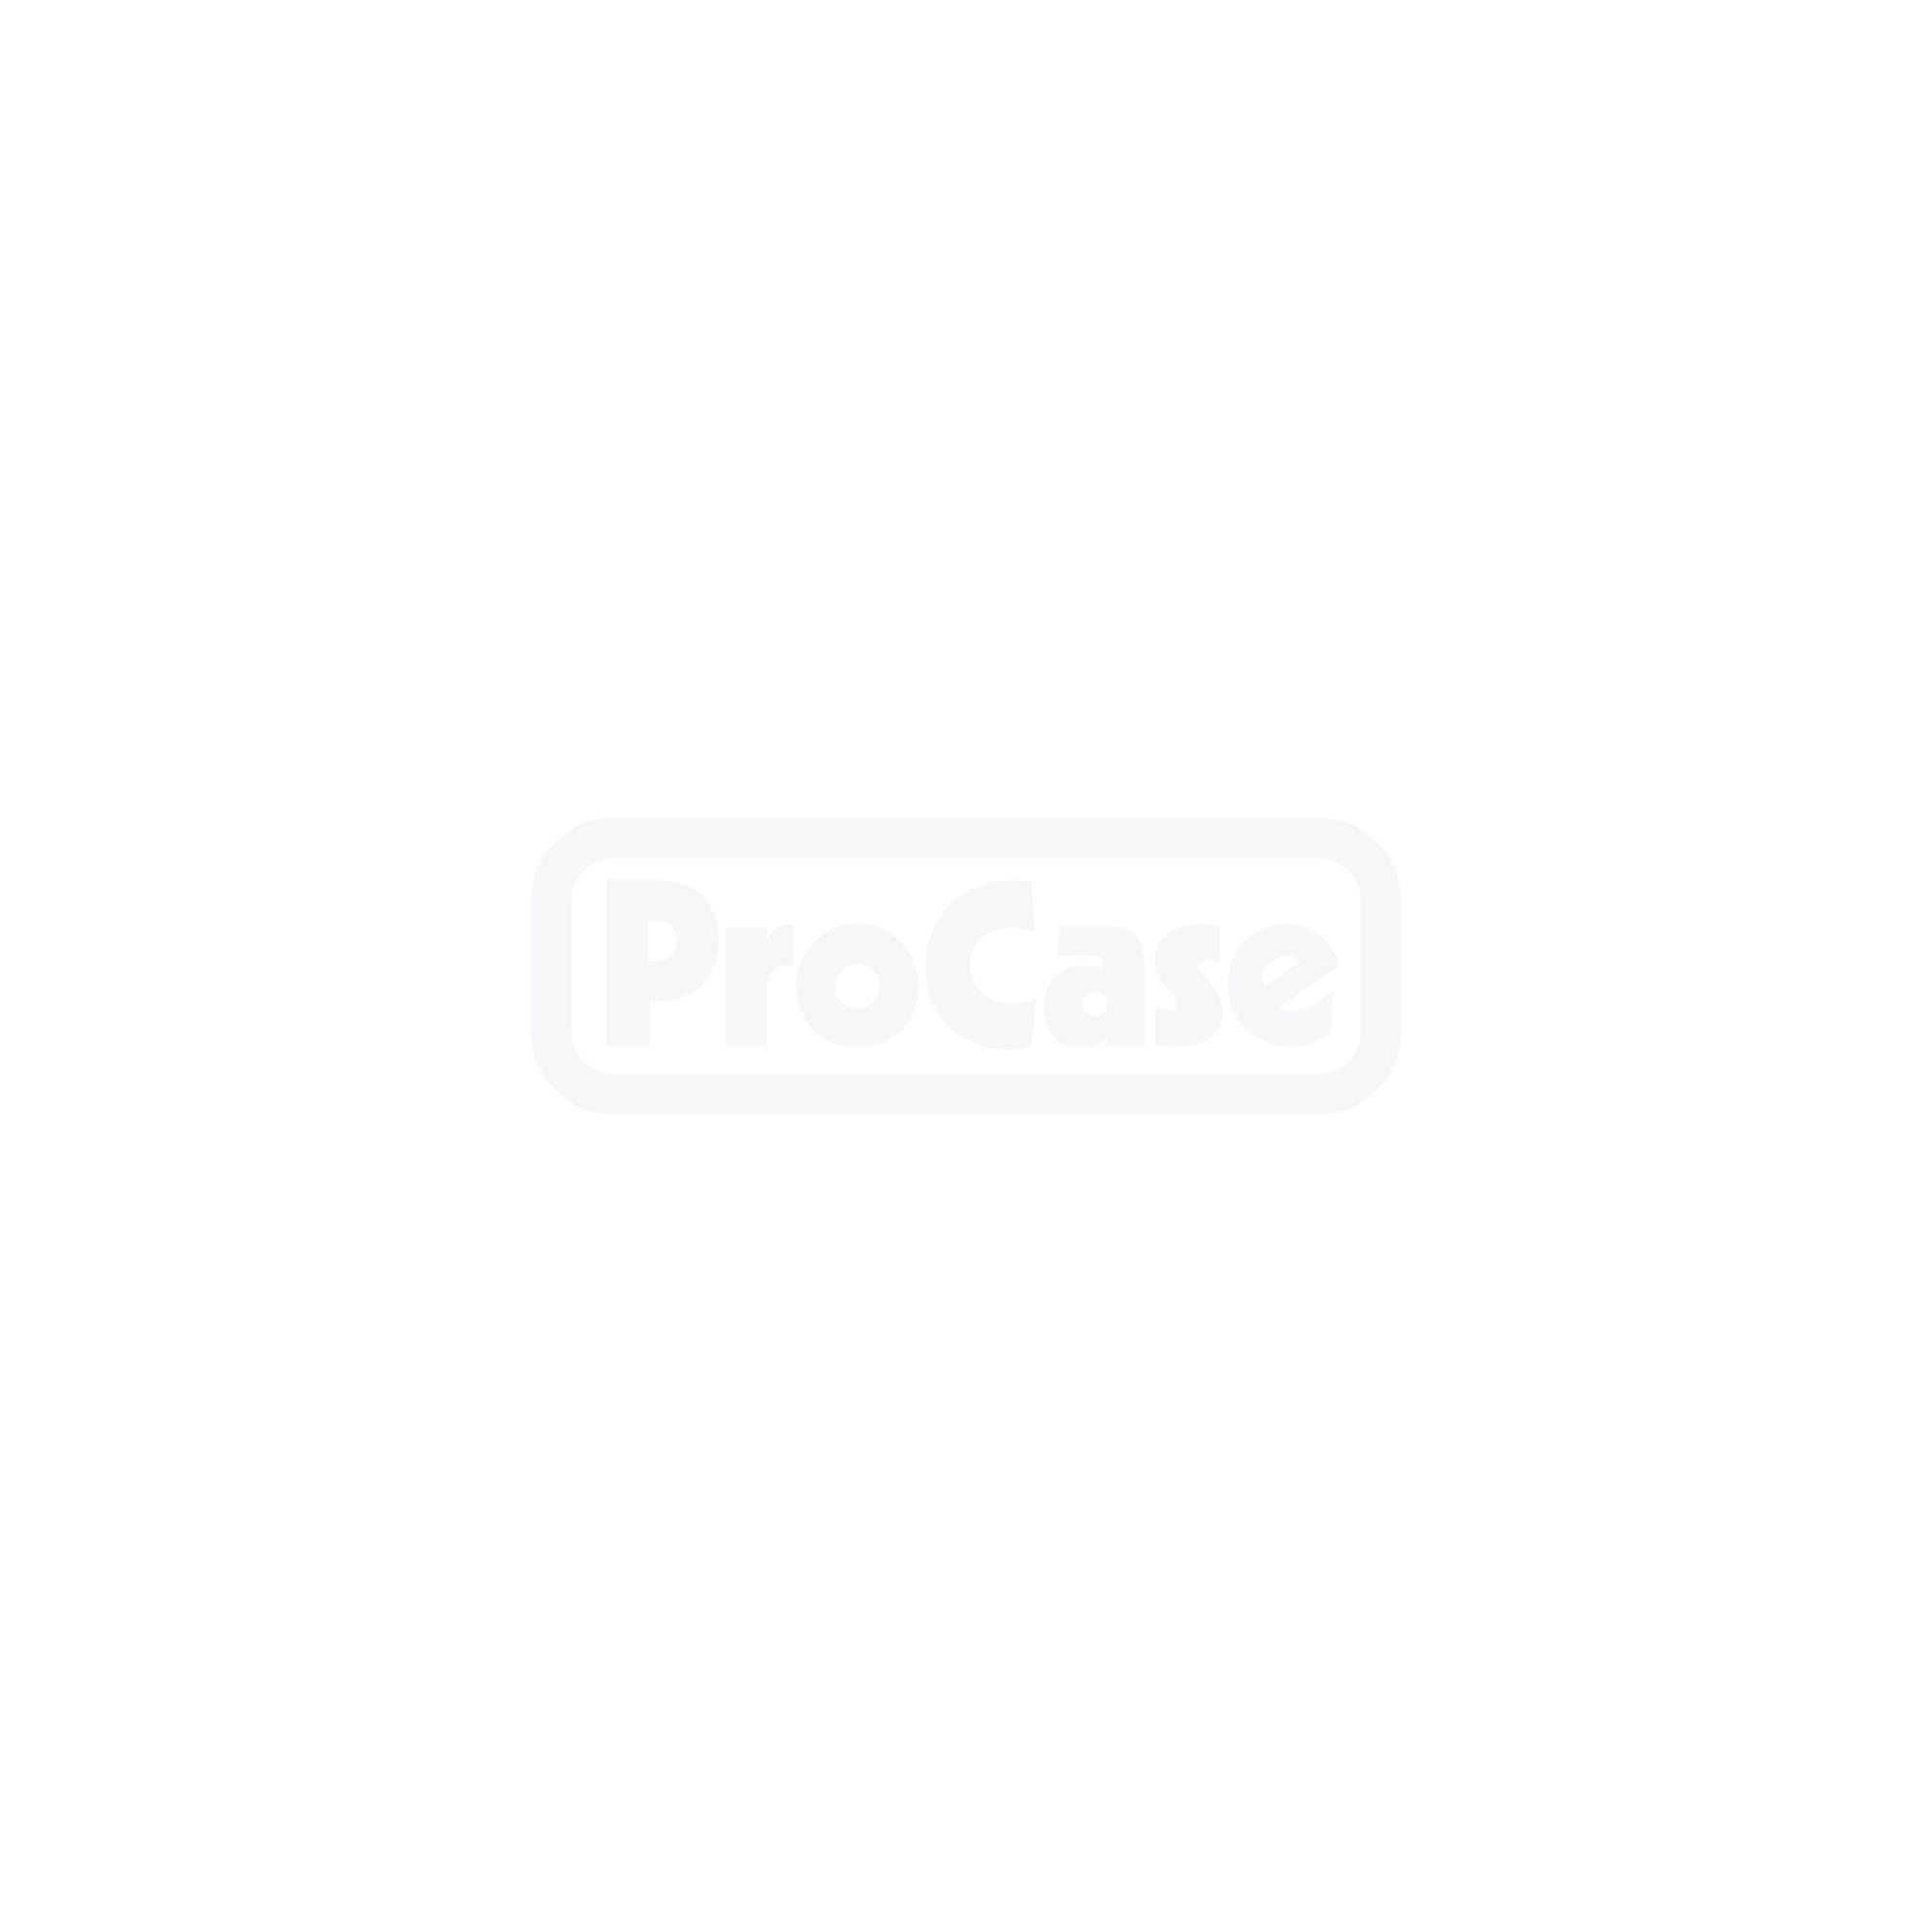 SKB 3i Koffer 2217-10 leer mit Trolley 3